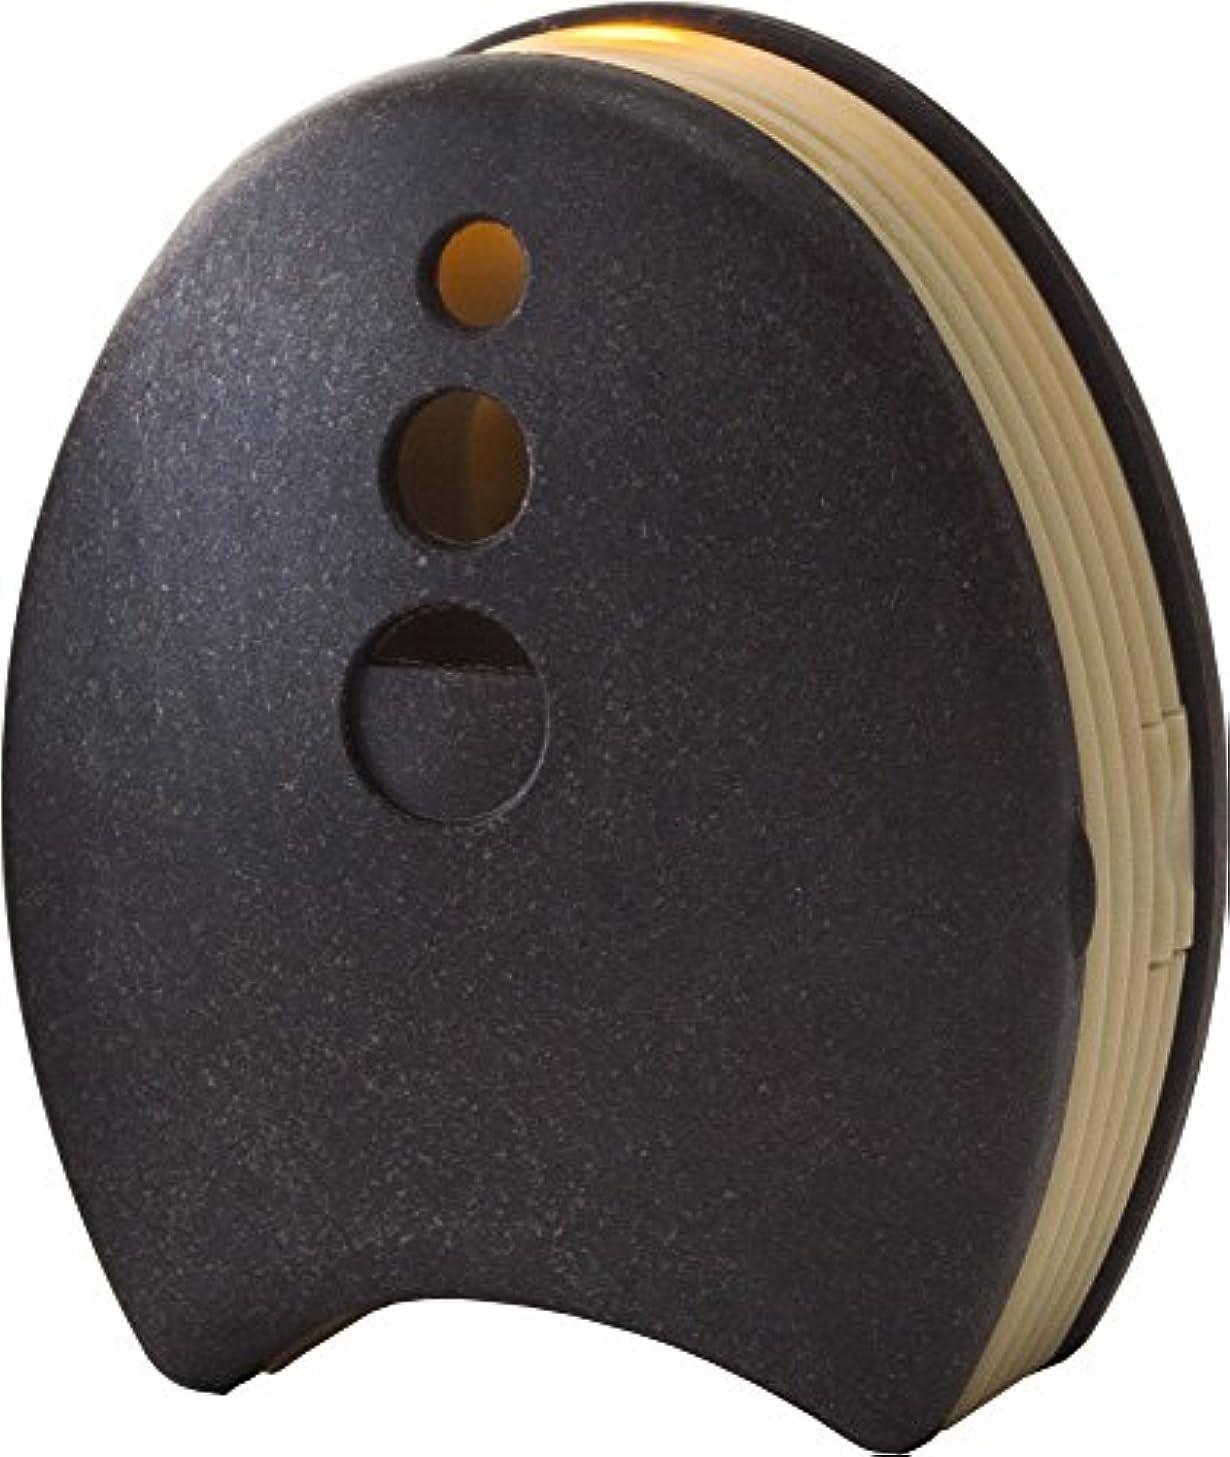 パワーセルヒゲデュアルウッドブリーズ Ecomini (エコミニ) T 木質ブラック